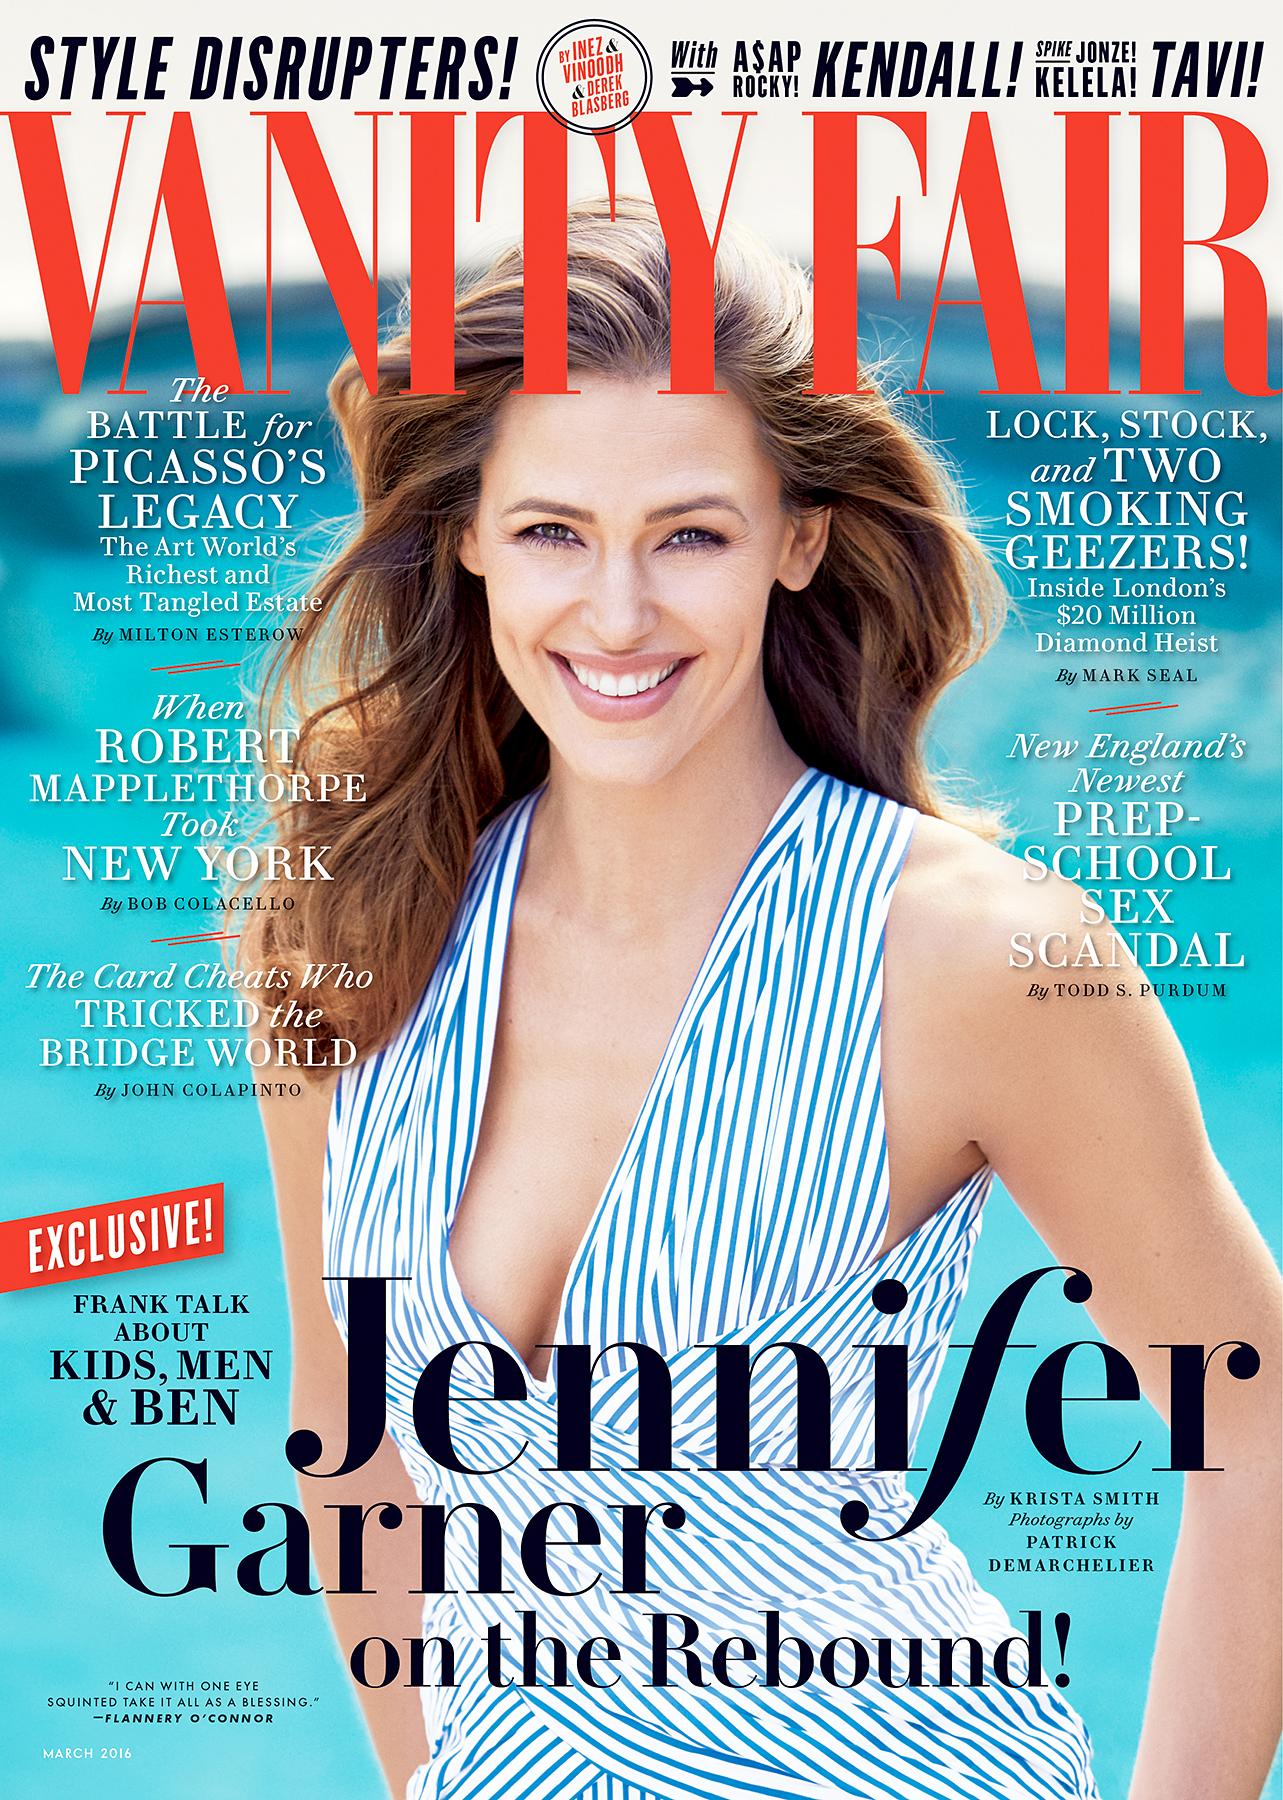 Jennifer Garner on the cover of 'Vanity Fair'